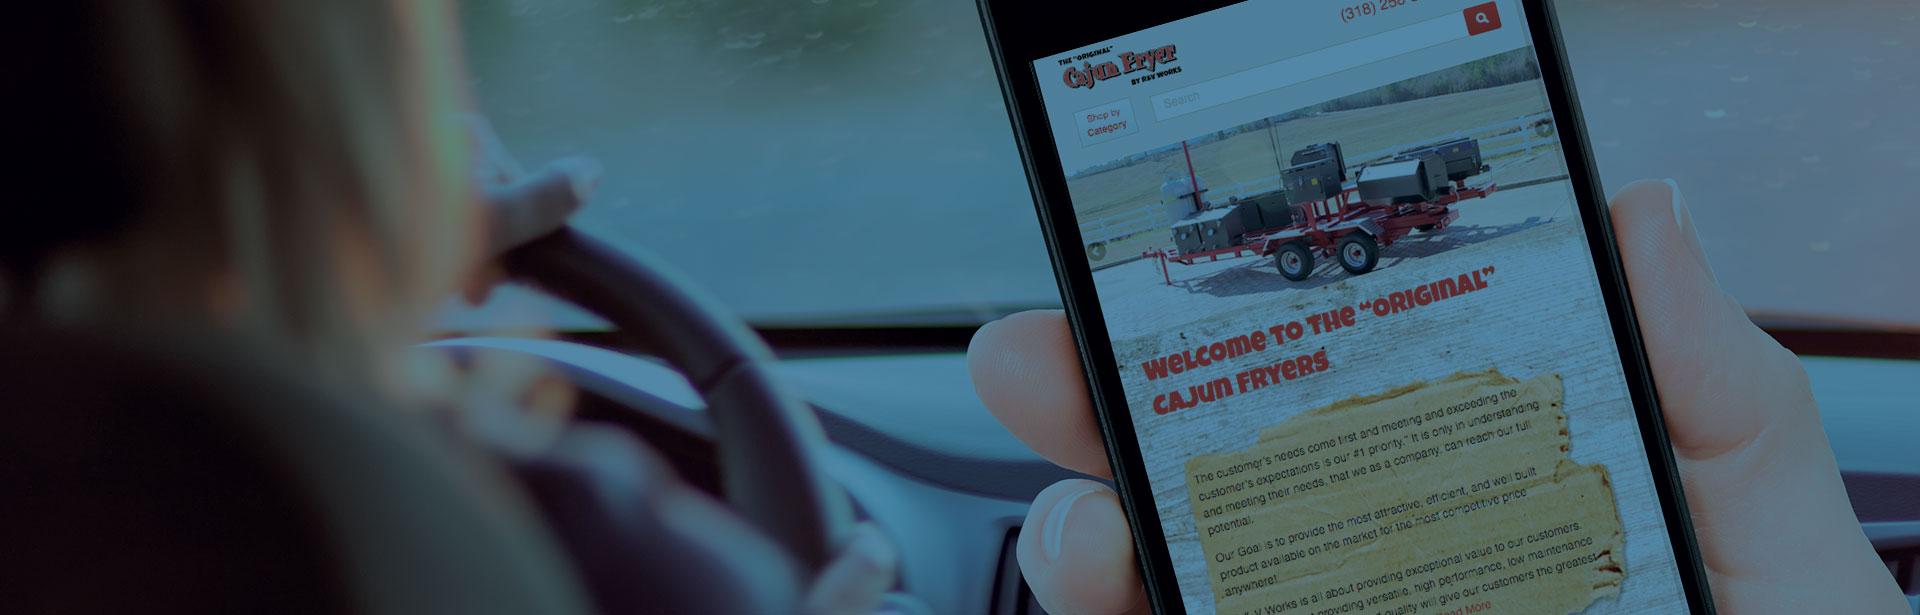 Mobile website - Cajun Fryer